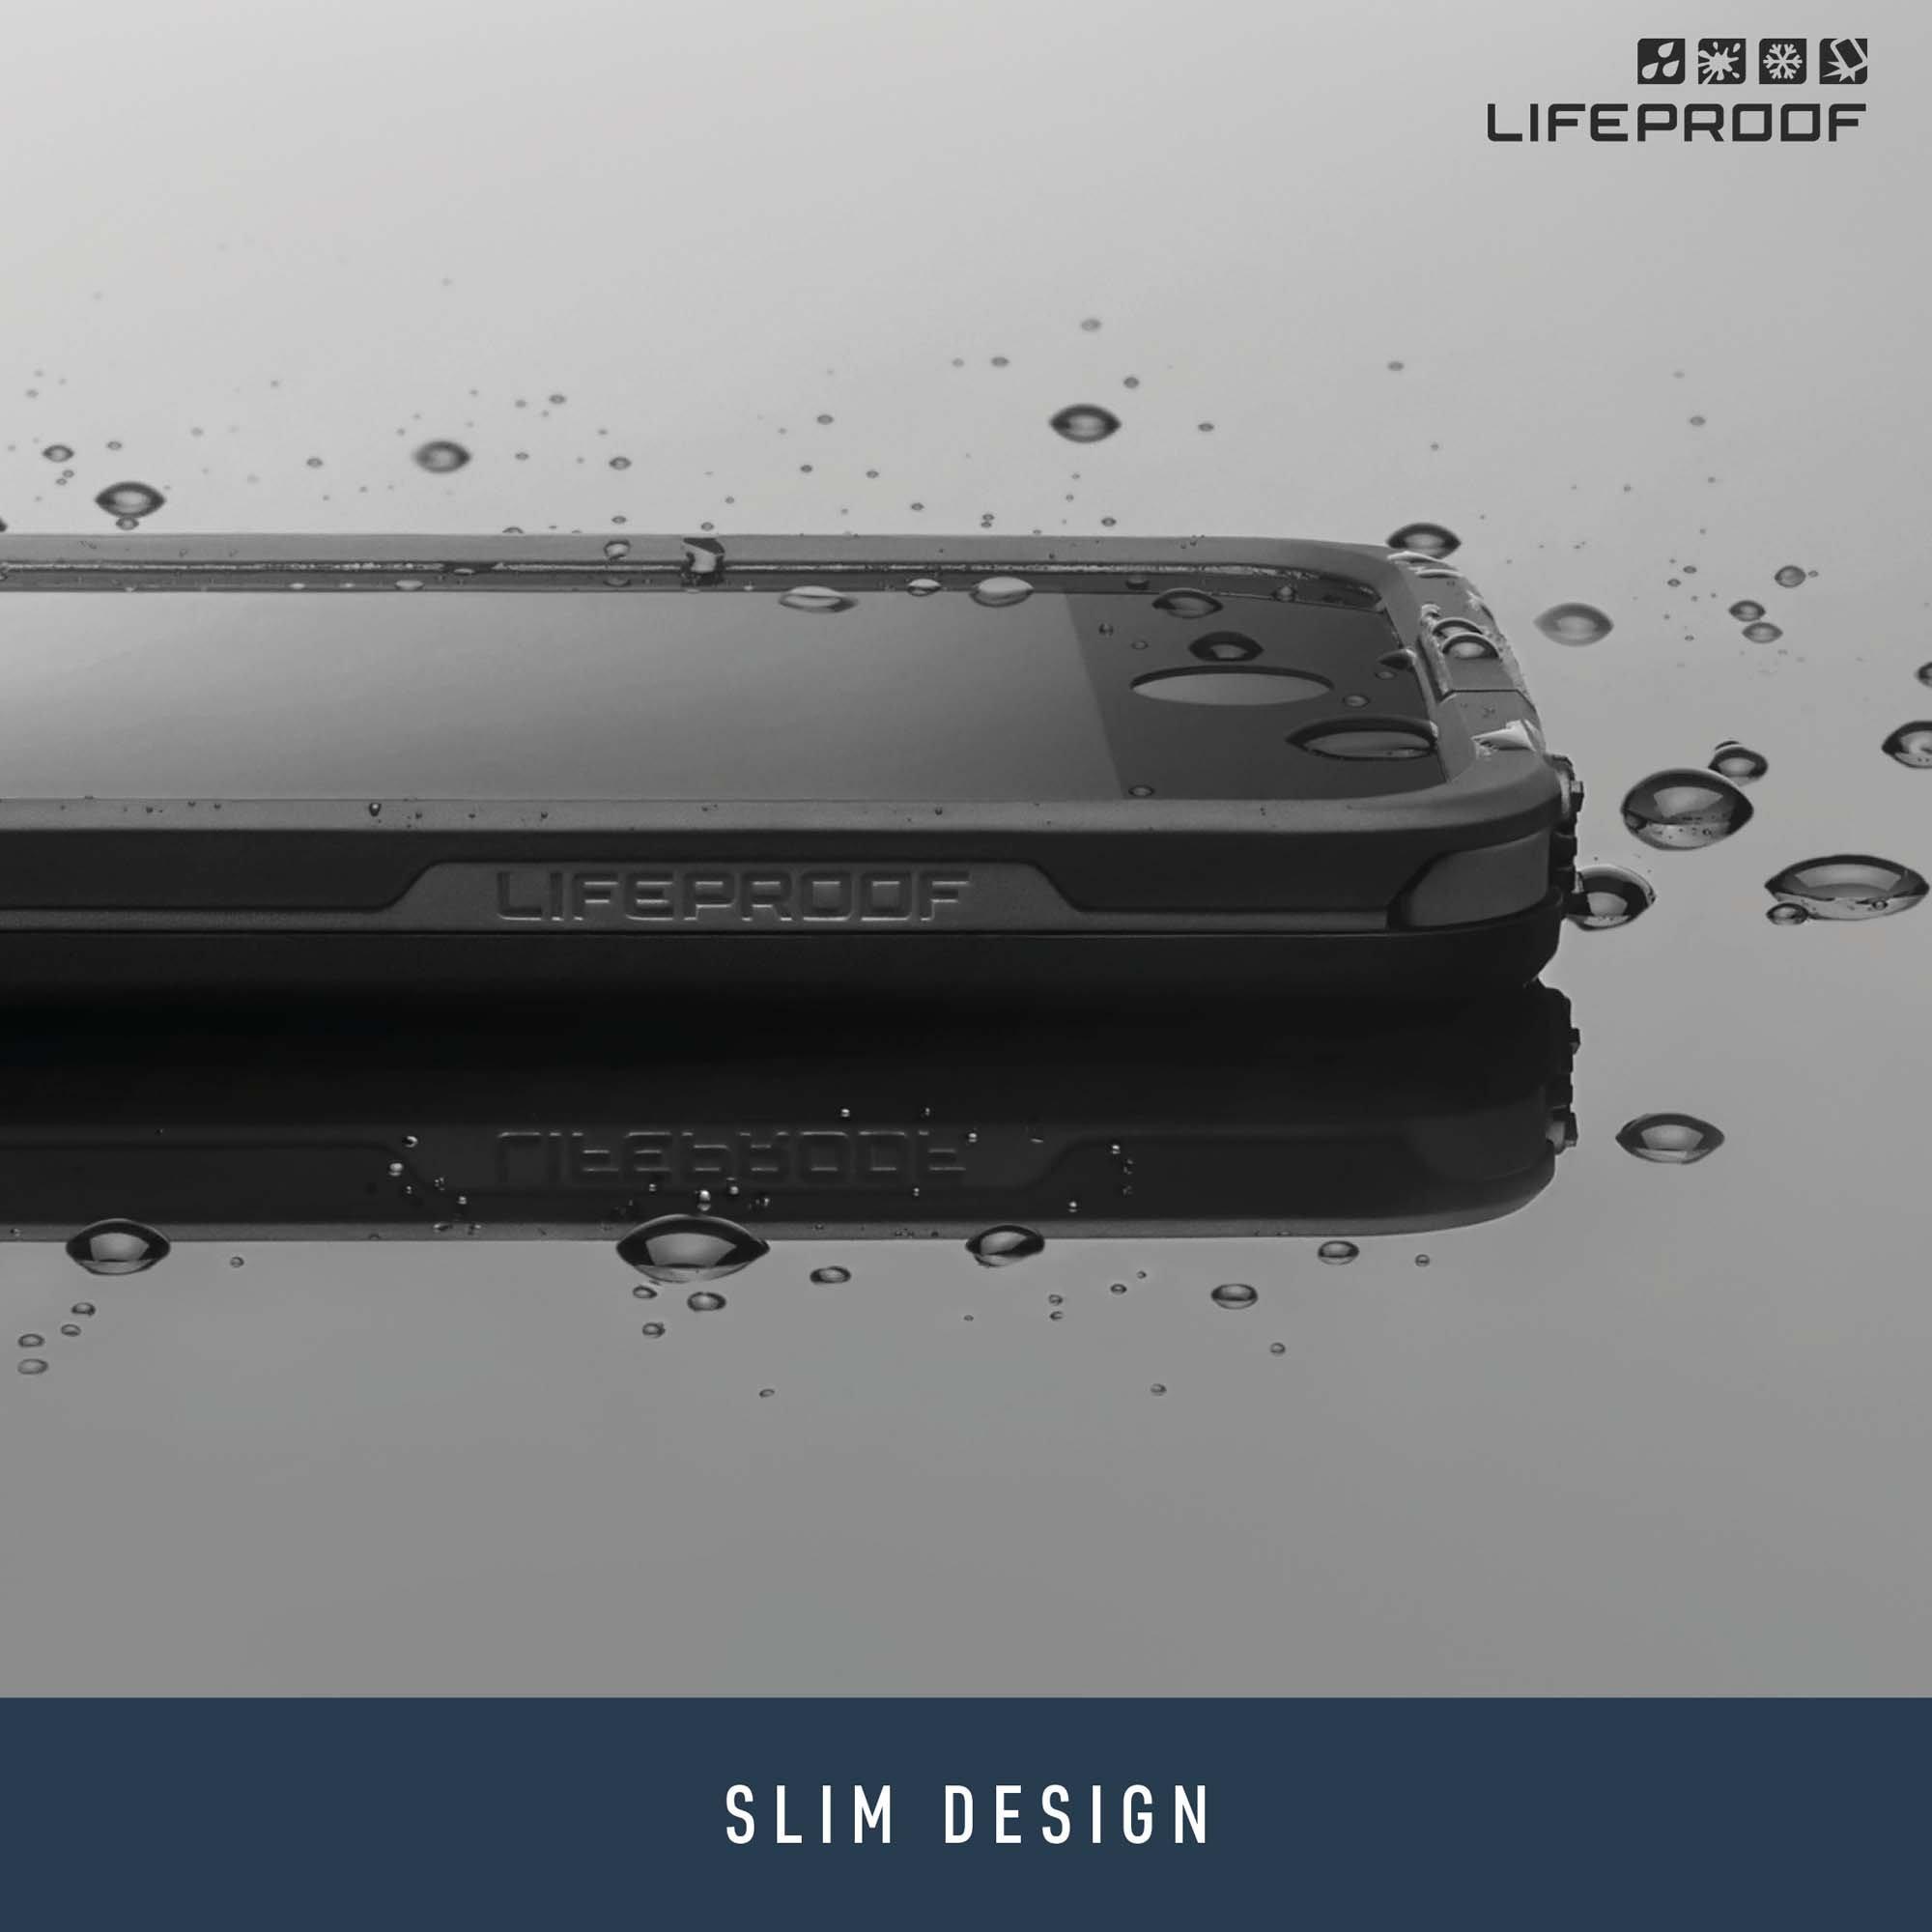 Lifeproof FRĒ SERIES iPhone 6/6s Waterproof Case (4.7'' Version) - Retail Packaging - BANZAI (COWABUNGA/WAVE CRASH/LONGBOARD) by LifeProof (Image #9)